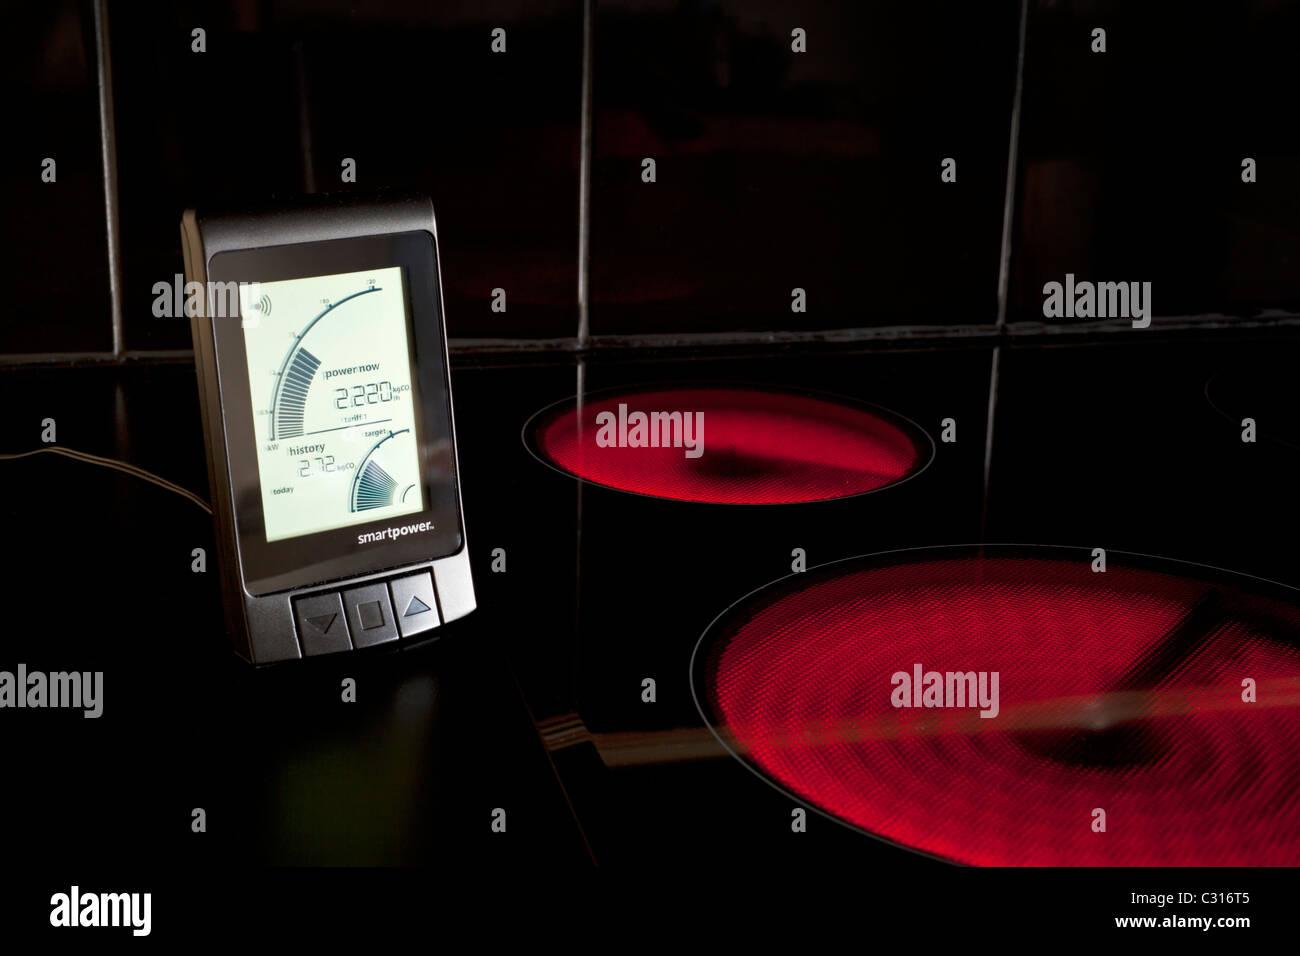 Medidor de energía inteligente inalámbrico para mostrar el consumo de energía por el coste o el uso Imagen De Stock